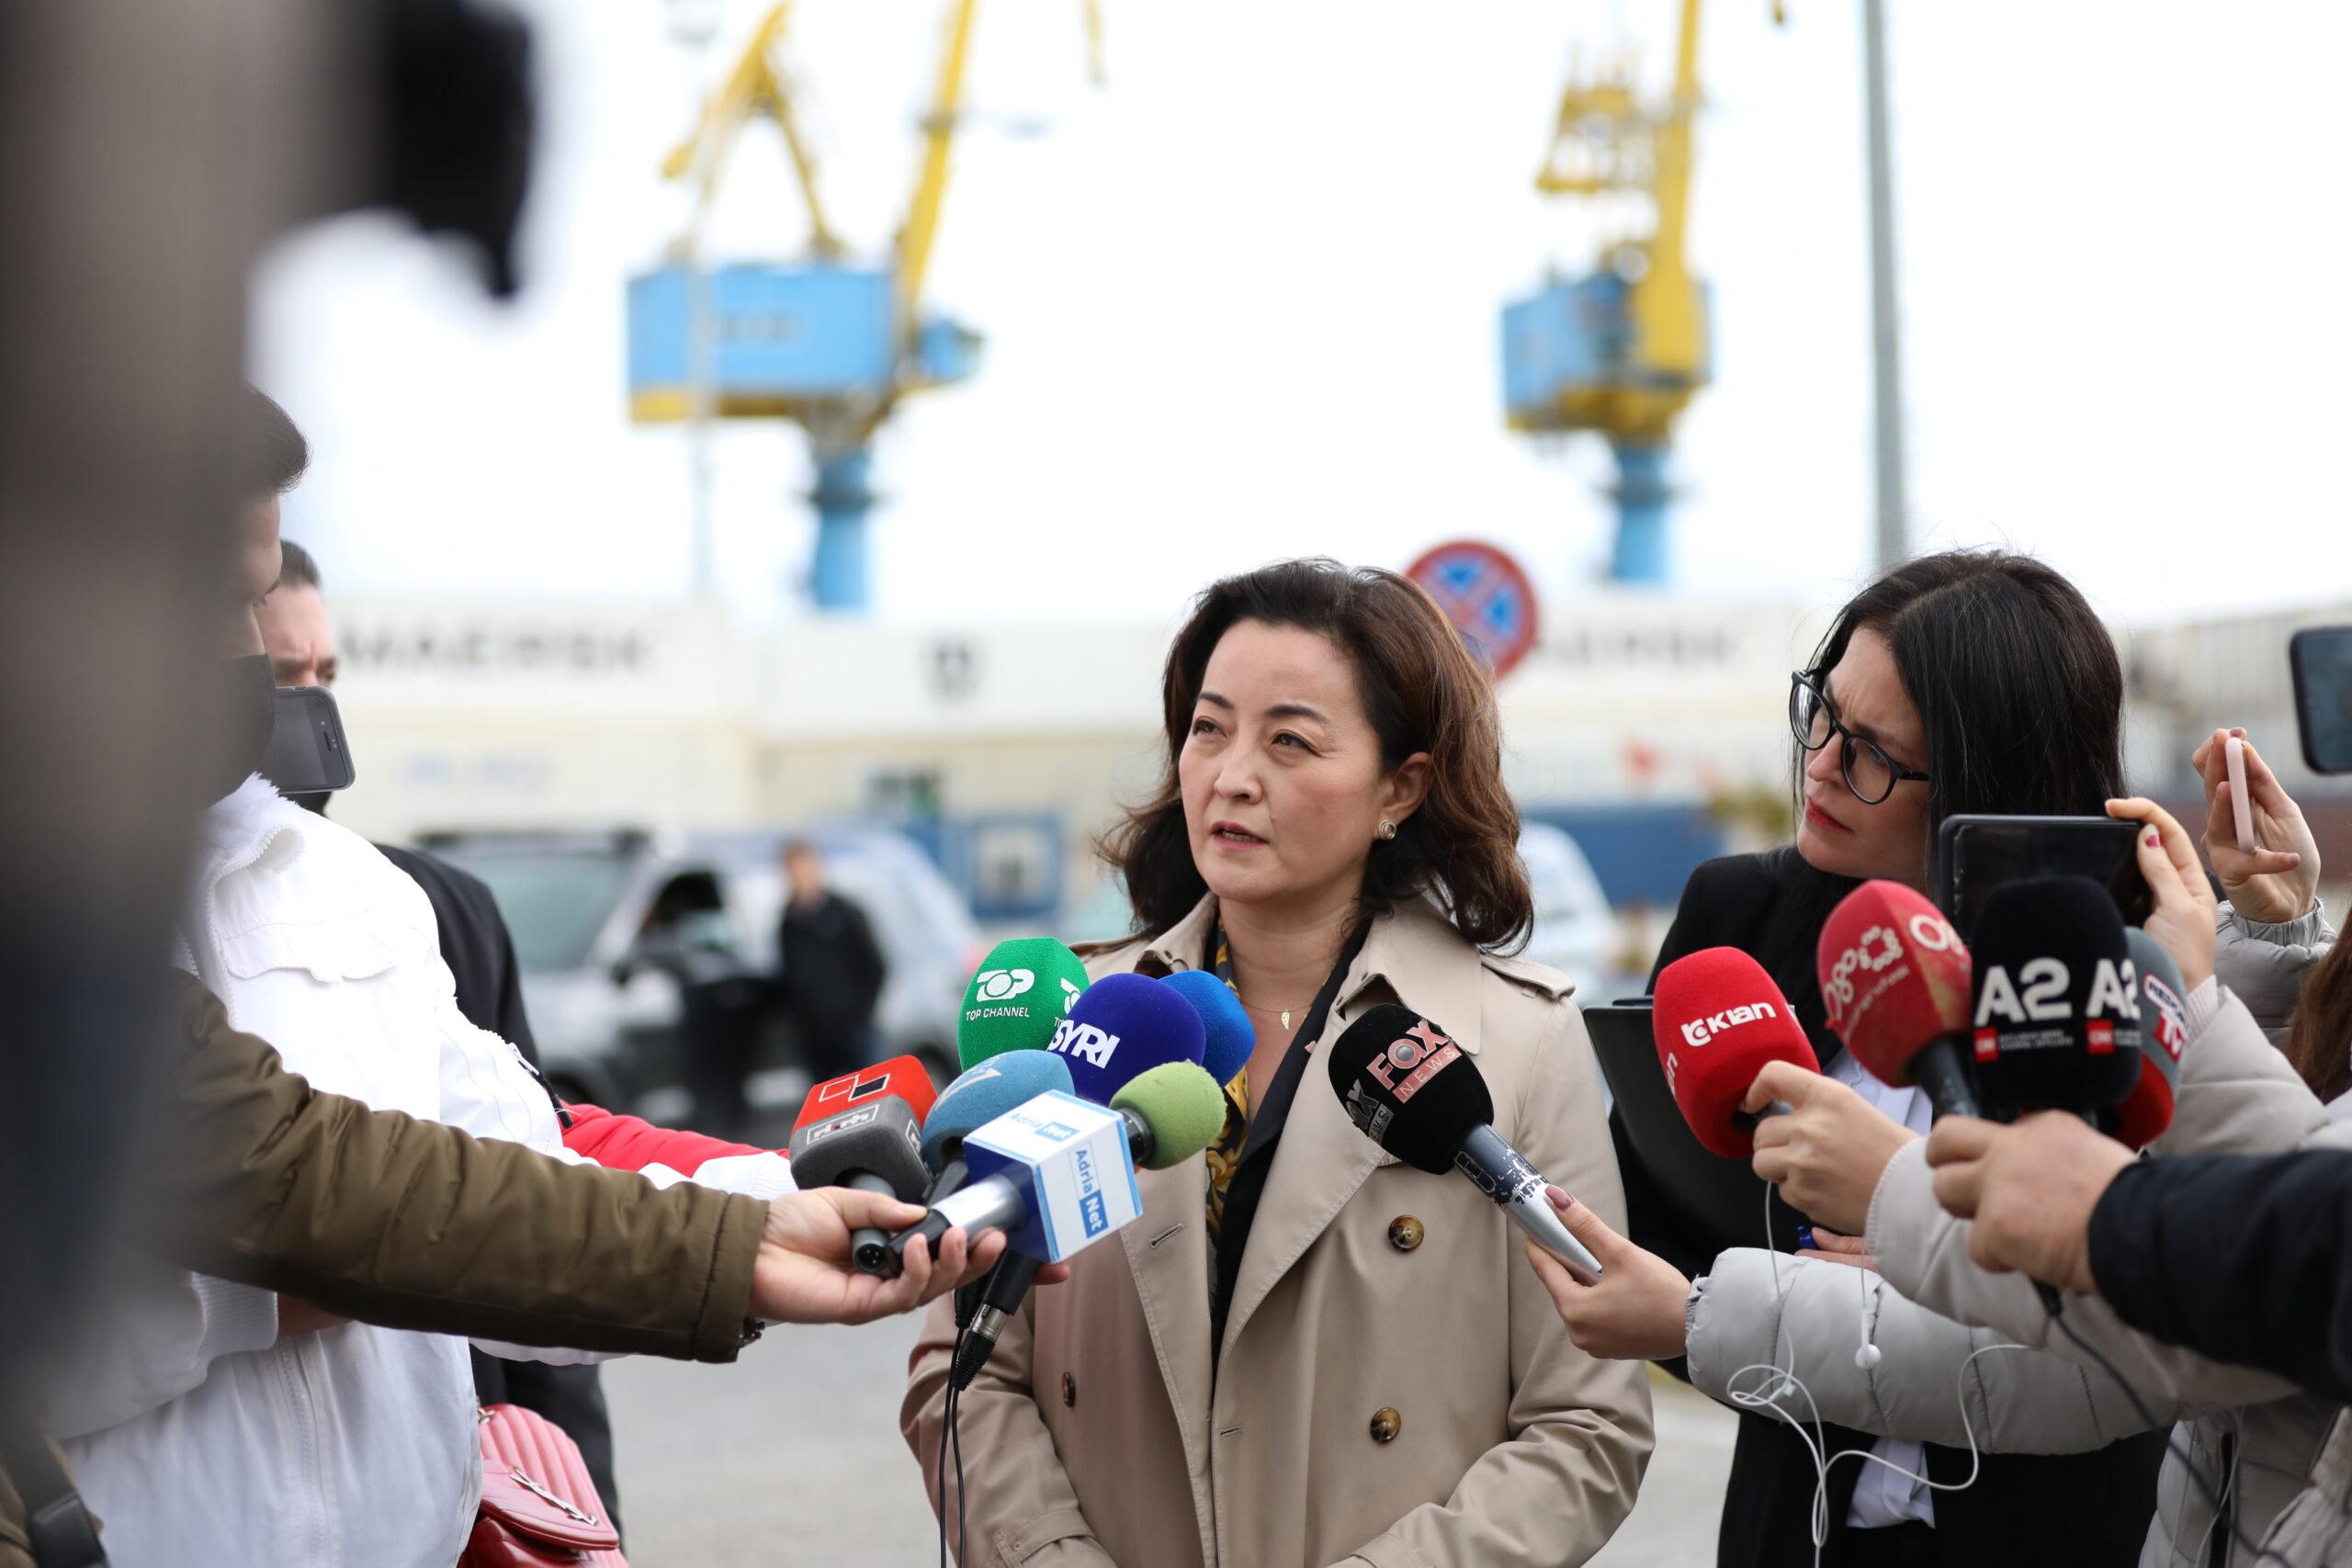 Vëtëm 1 javë nga zgjedhjet, ndërkombëtarët zbarkojnë në Elbasan për takimin e rëndësishëm